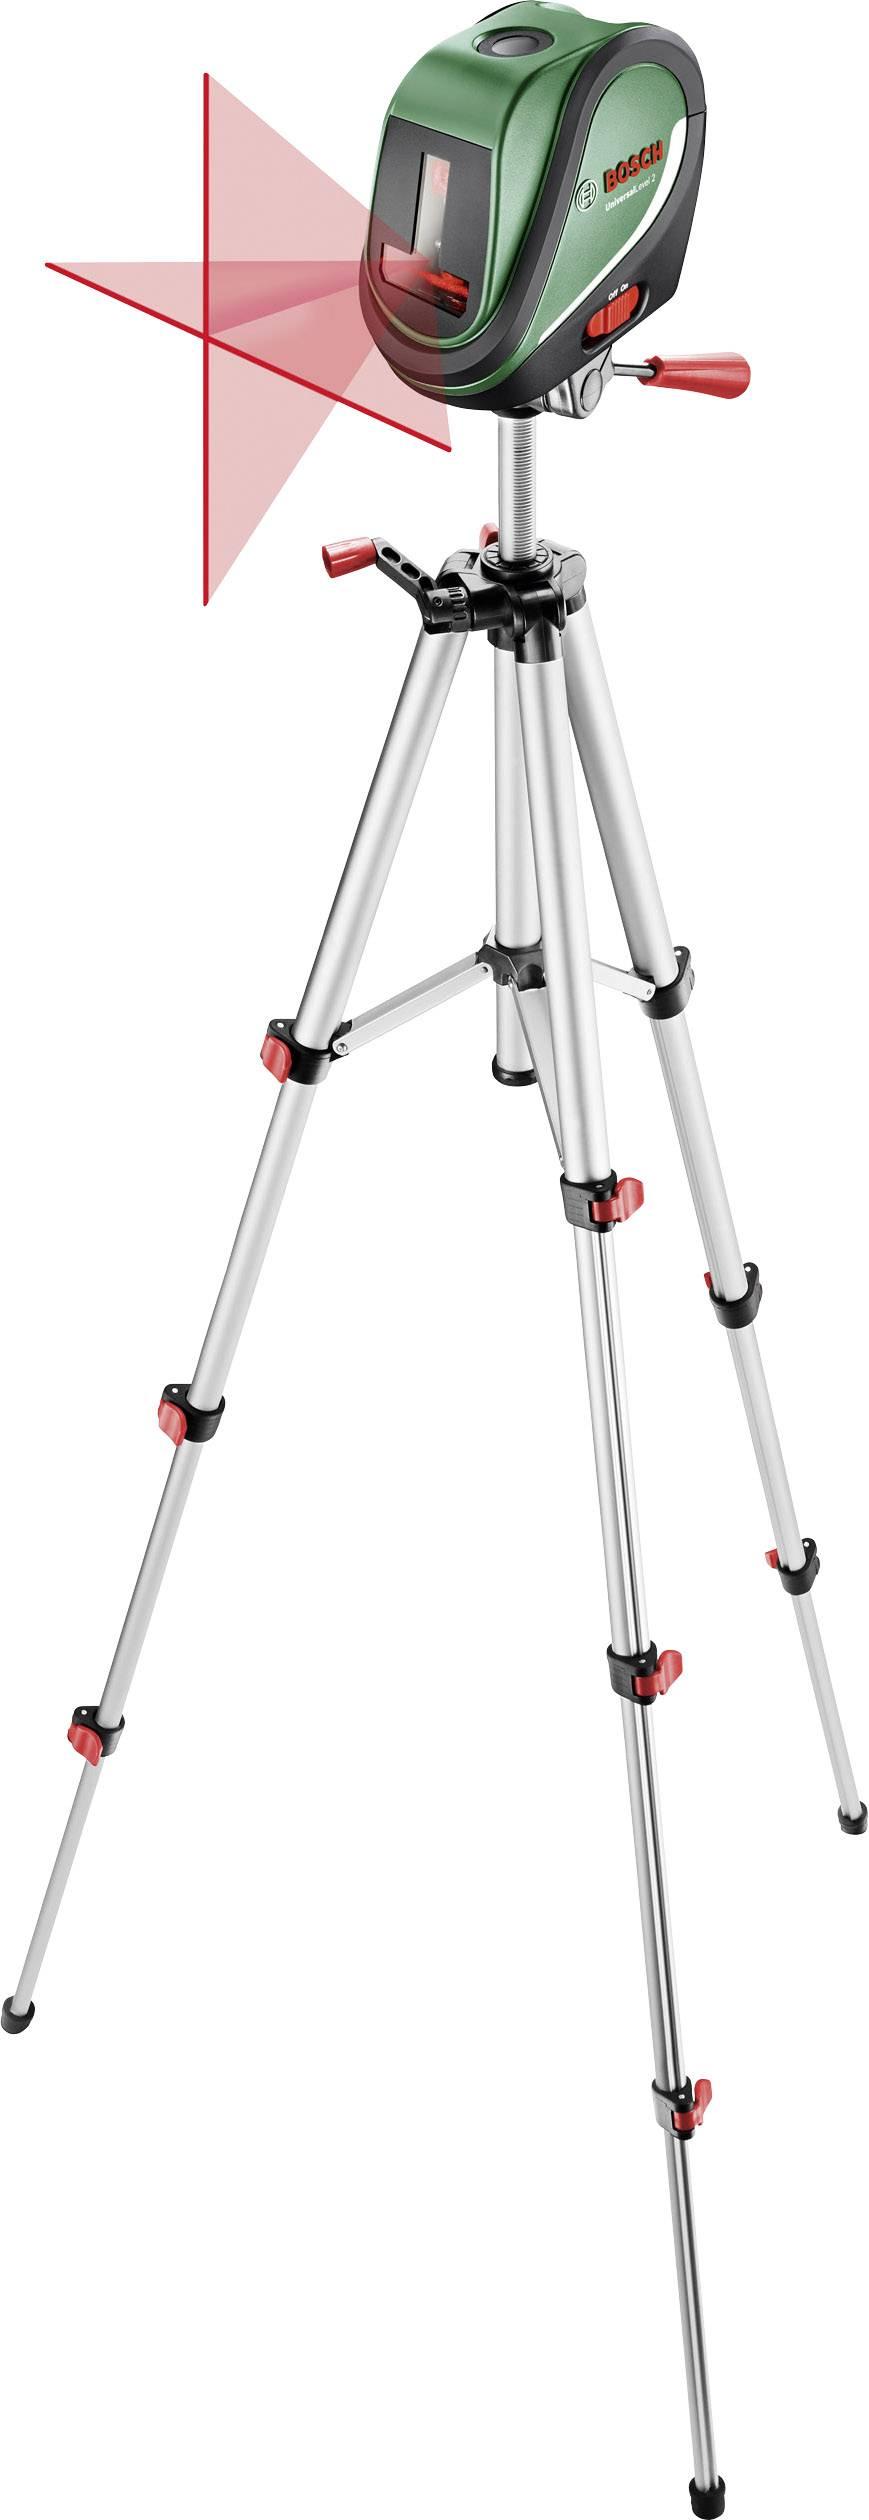 Křížový laser samonivelační, vč. stativu Bosch Home and Garden UniversalLevel 2 Set, dosah (max.): 10 m, Kalibrováno dle: bez certifikátu